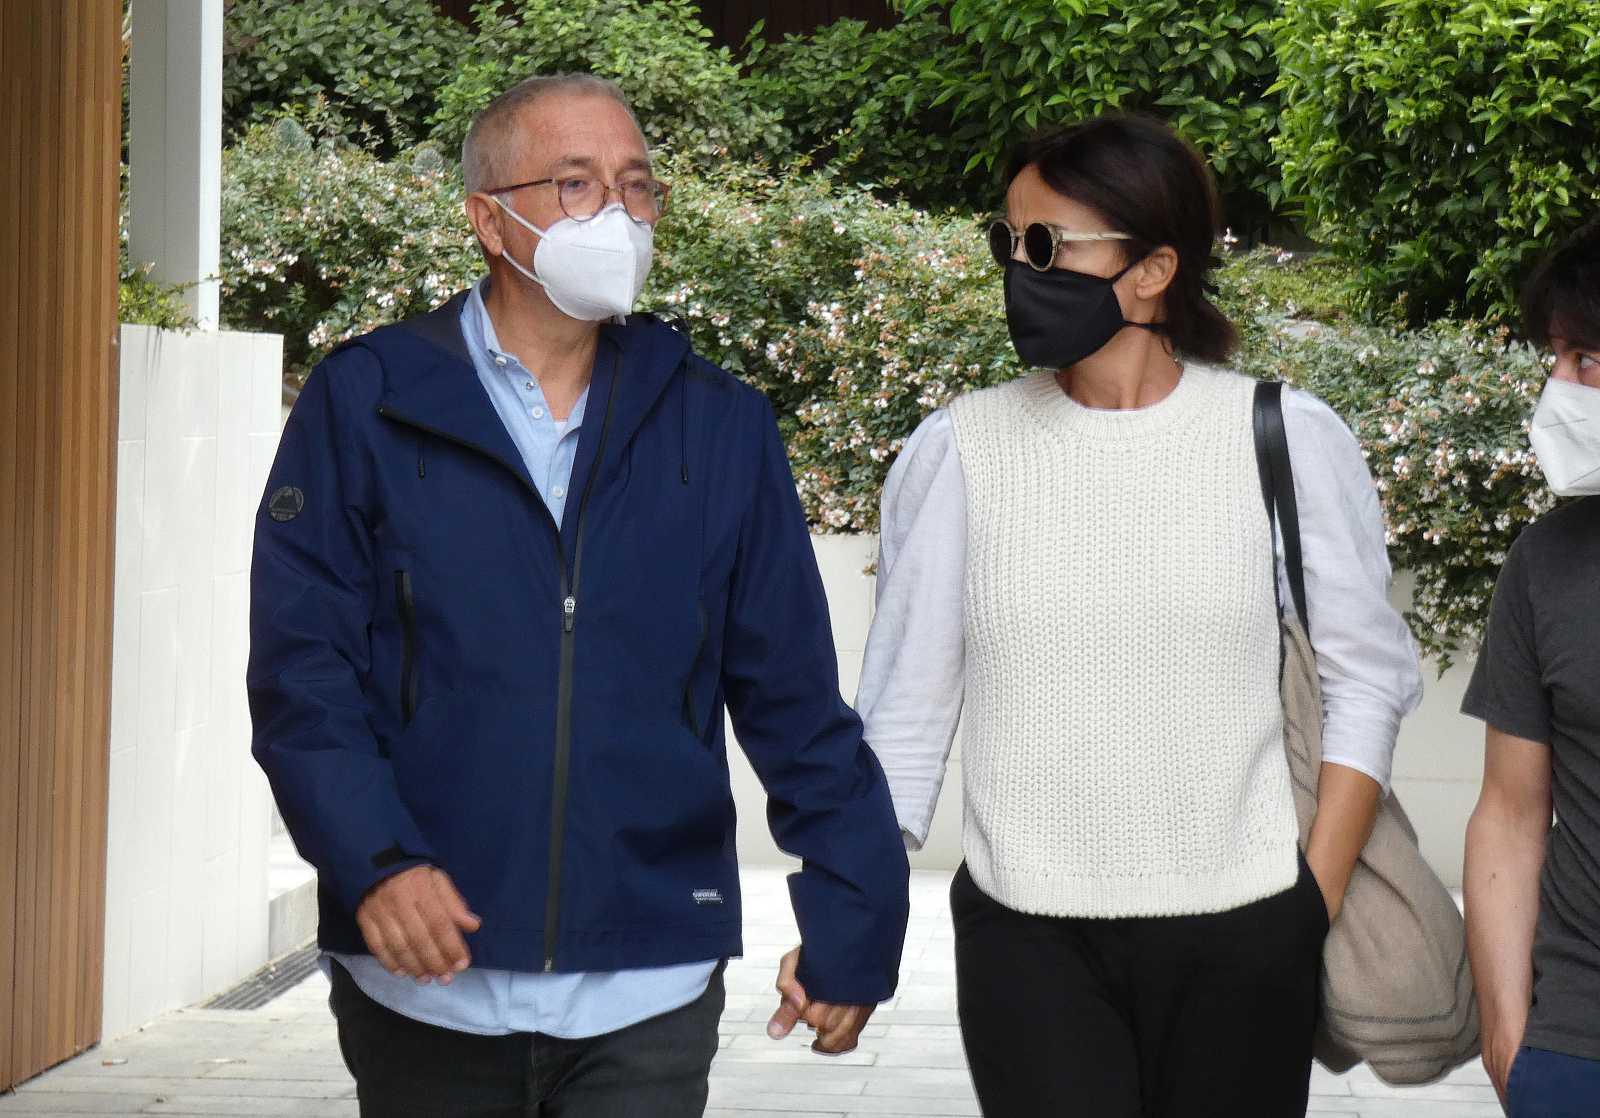 Xavier Sardà y su mujer, Ana Gutiérrez, acuden al tanatorio donde se encuentran los restos mortales de Rosa María Sardà